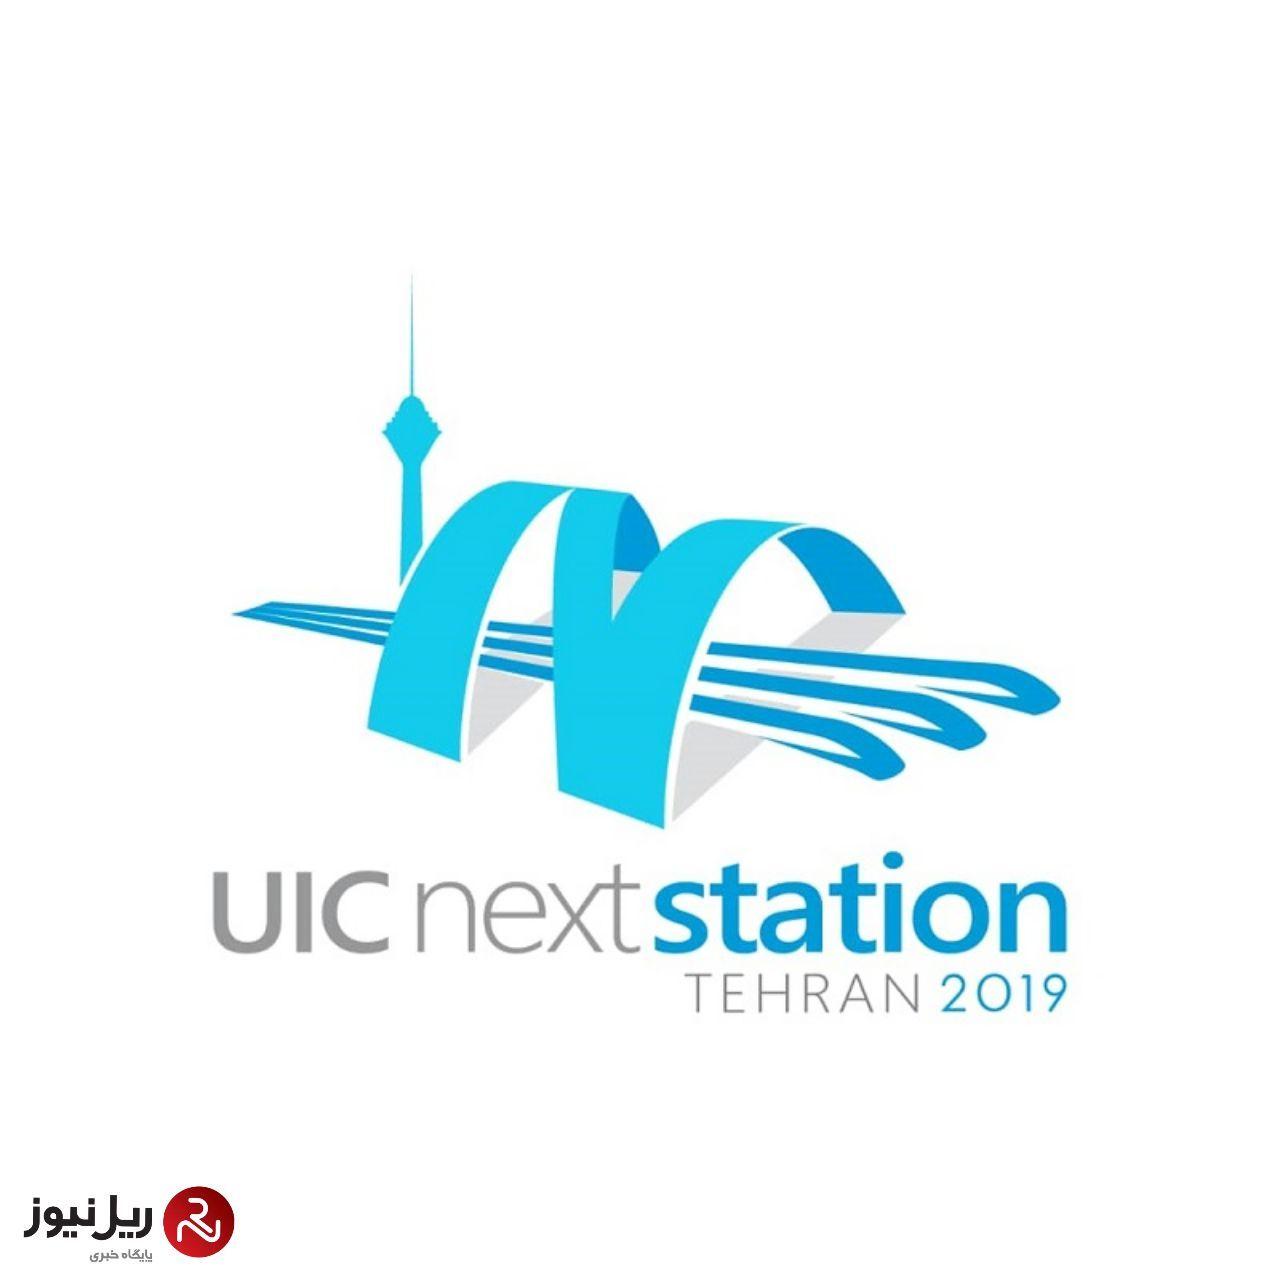 هفتمین کنفرانس بین المللی ایستگاه های آینده اتحادیه بین المللی راه آهن ها (UIC NextStation ۲۰۱۹)